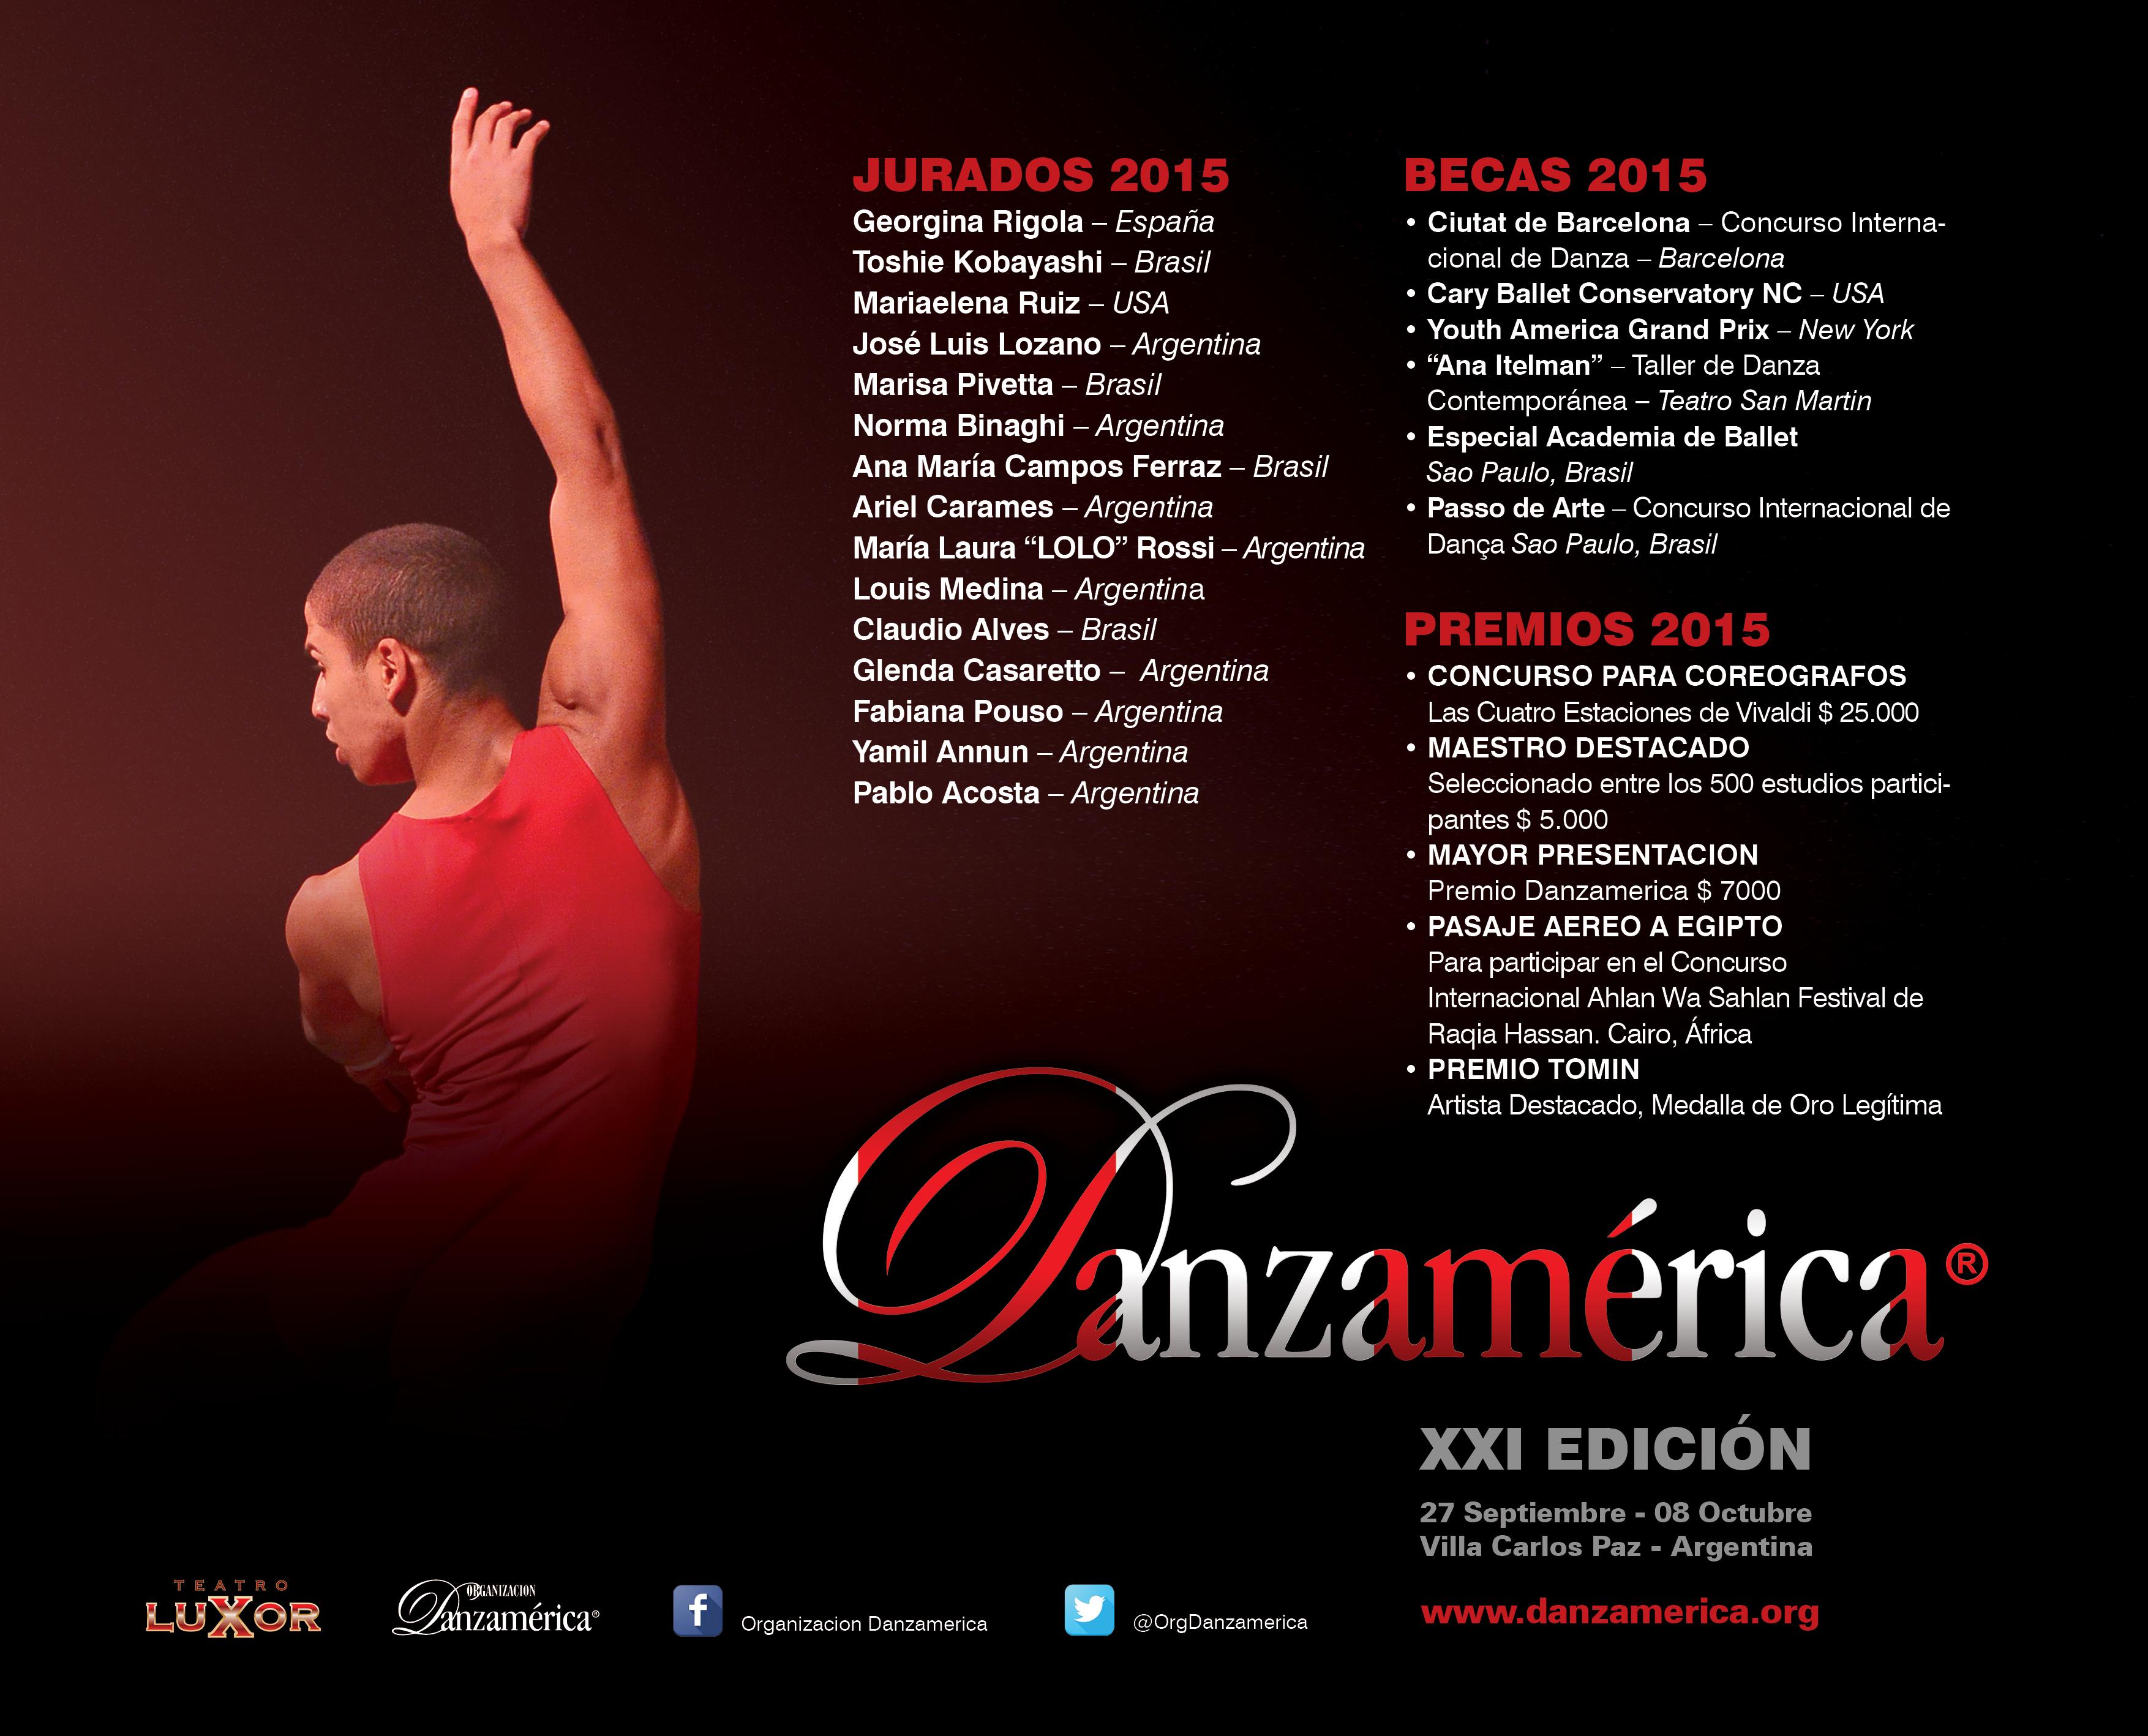 Danzamerica 2015 Becas y Premios